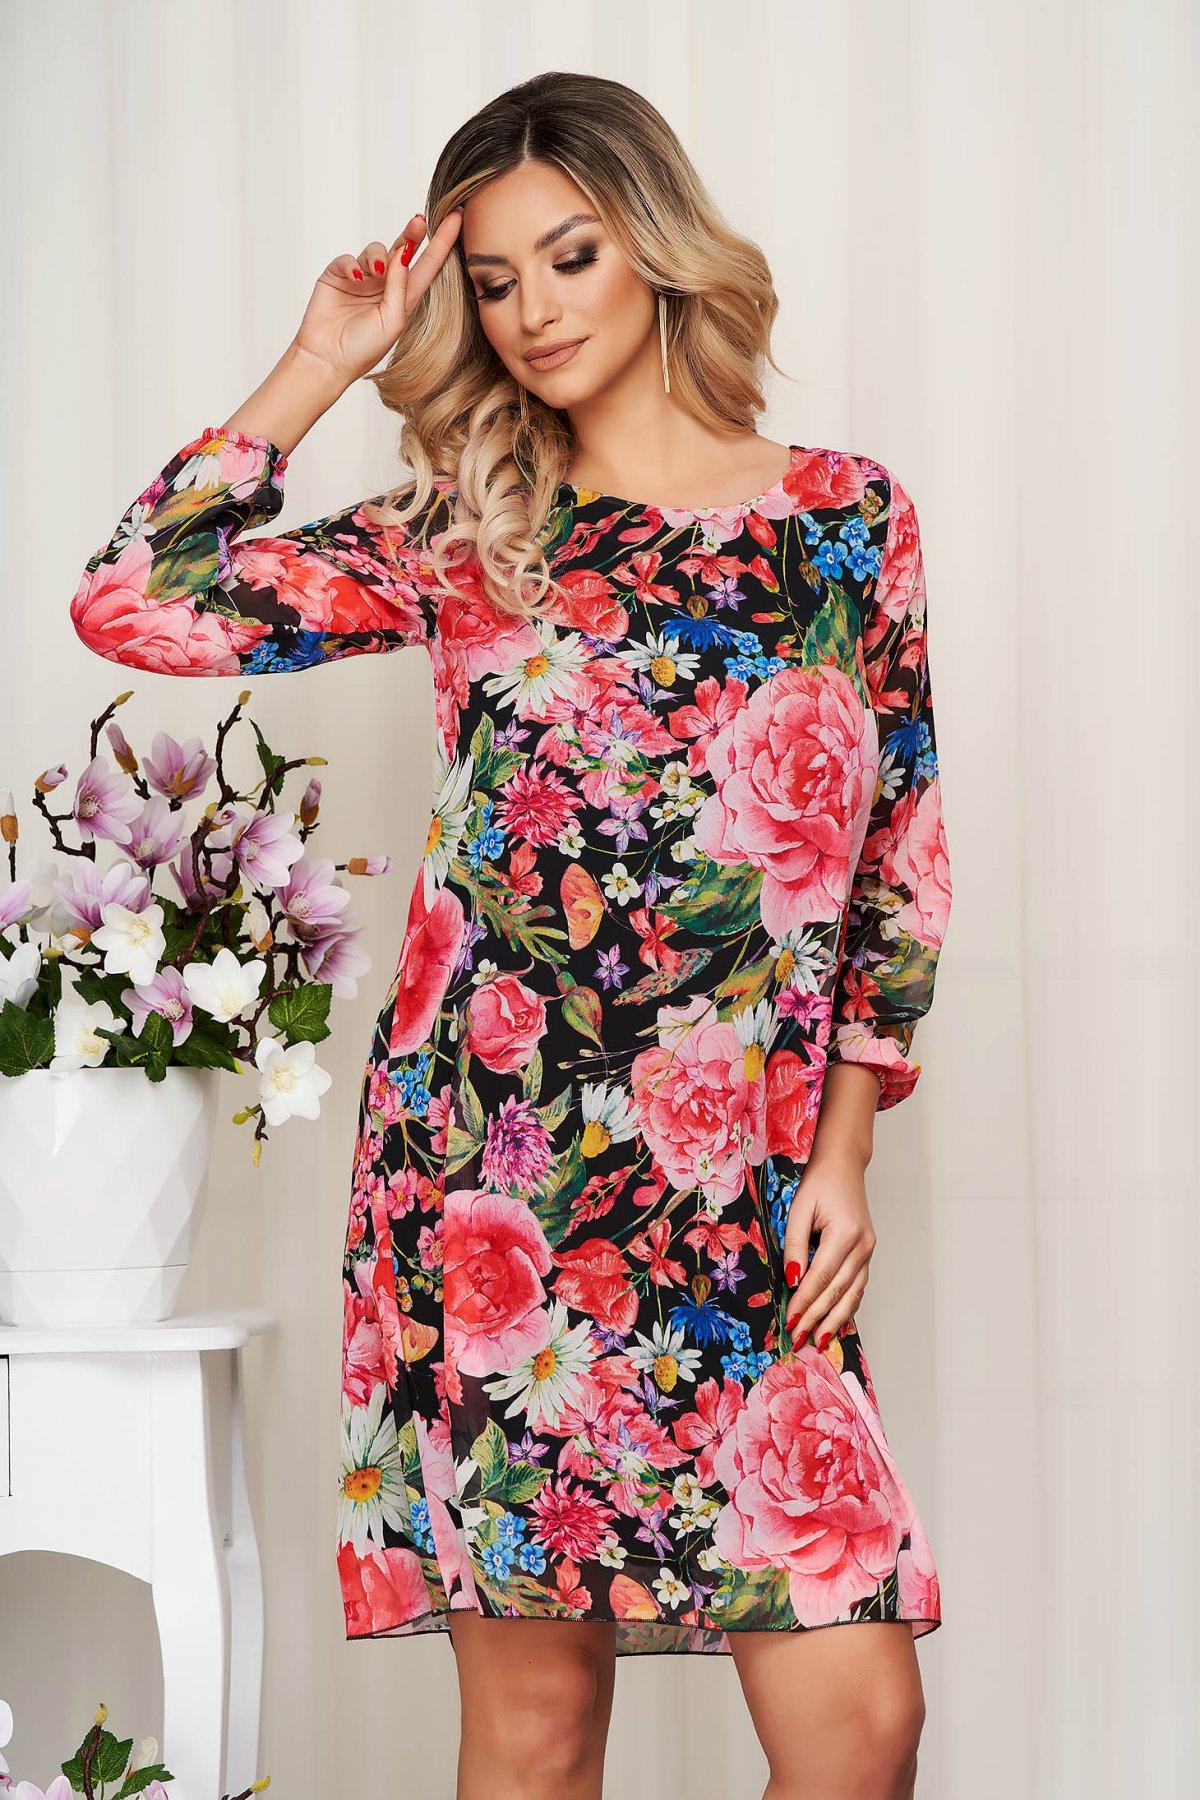 Rochie din voal cu imprimeu floral captusita pe interior - medelin.ro